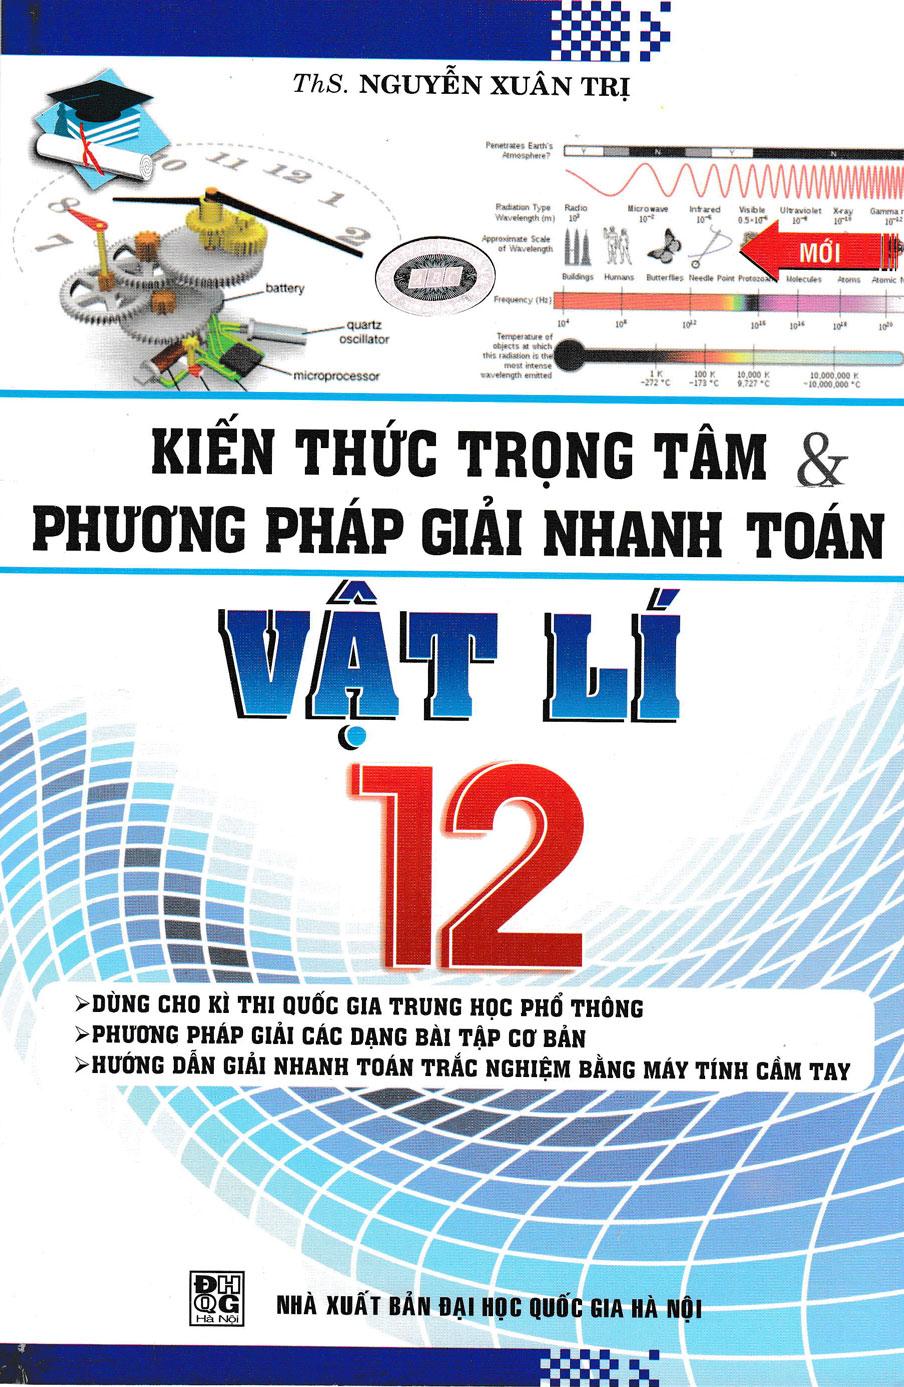 Kiến Thức Trọng Tâm Và Phương Pháp Giải Nhanh Toán Vật Lí 12 - EBOOK/PDF/PRC/EPUB